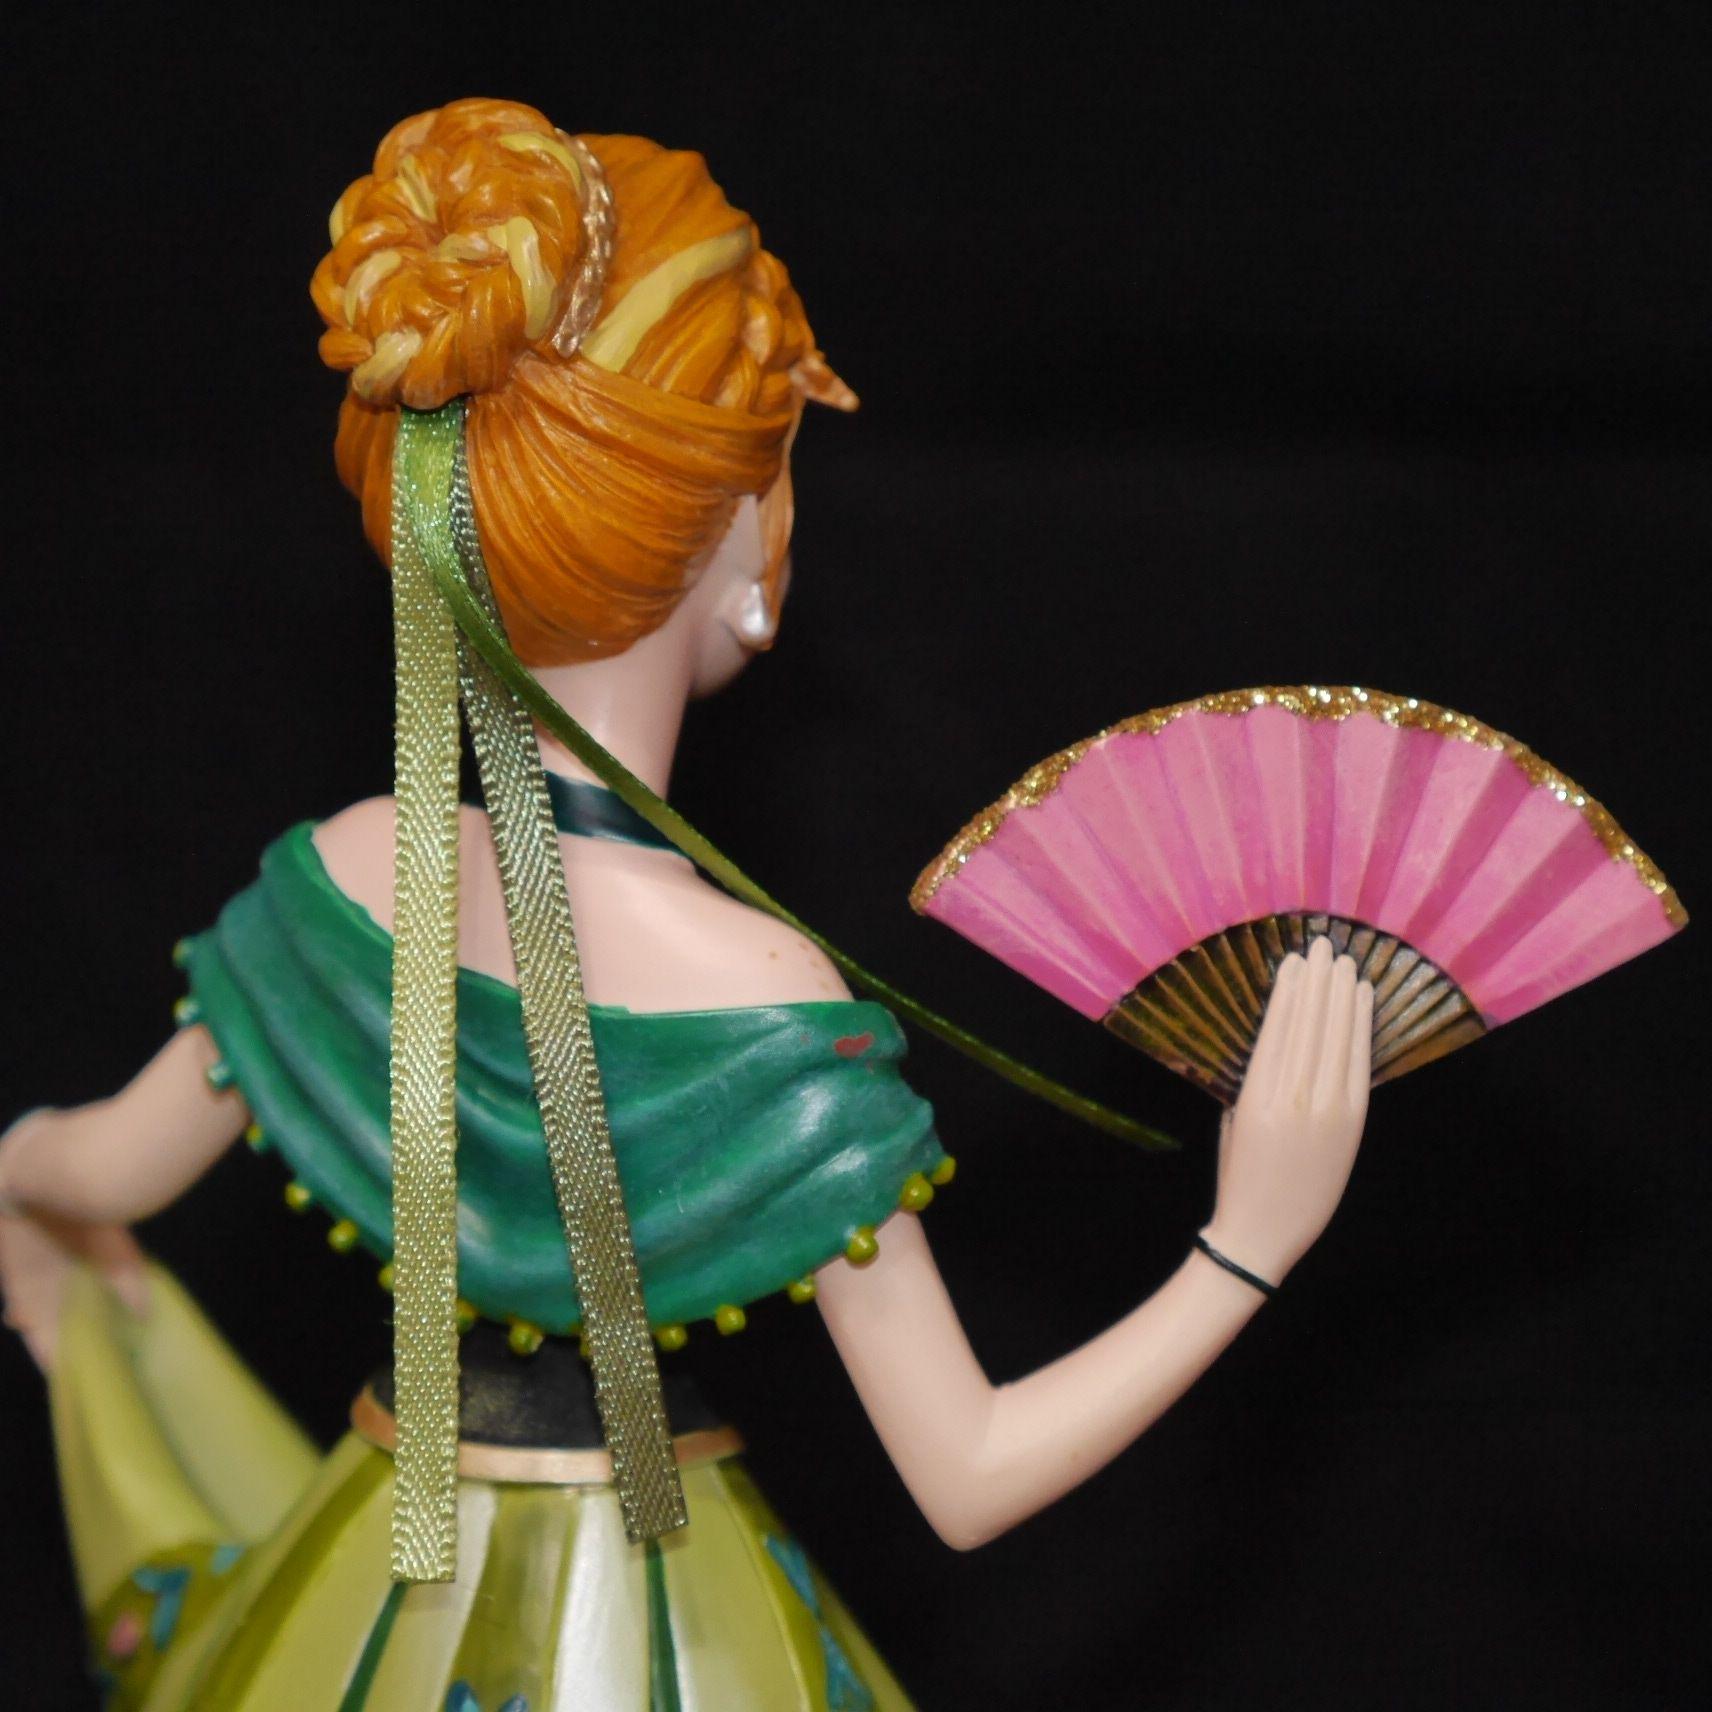 冰雪奇緣安娜Anna公主*精品/裝飾/擺飾/玩具《美國Enesco精品,迪士尼典藏超精美人偶》【曉風】 4